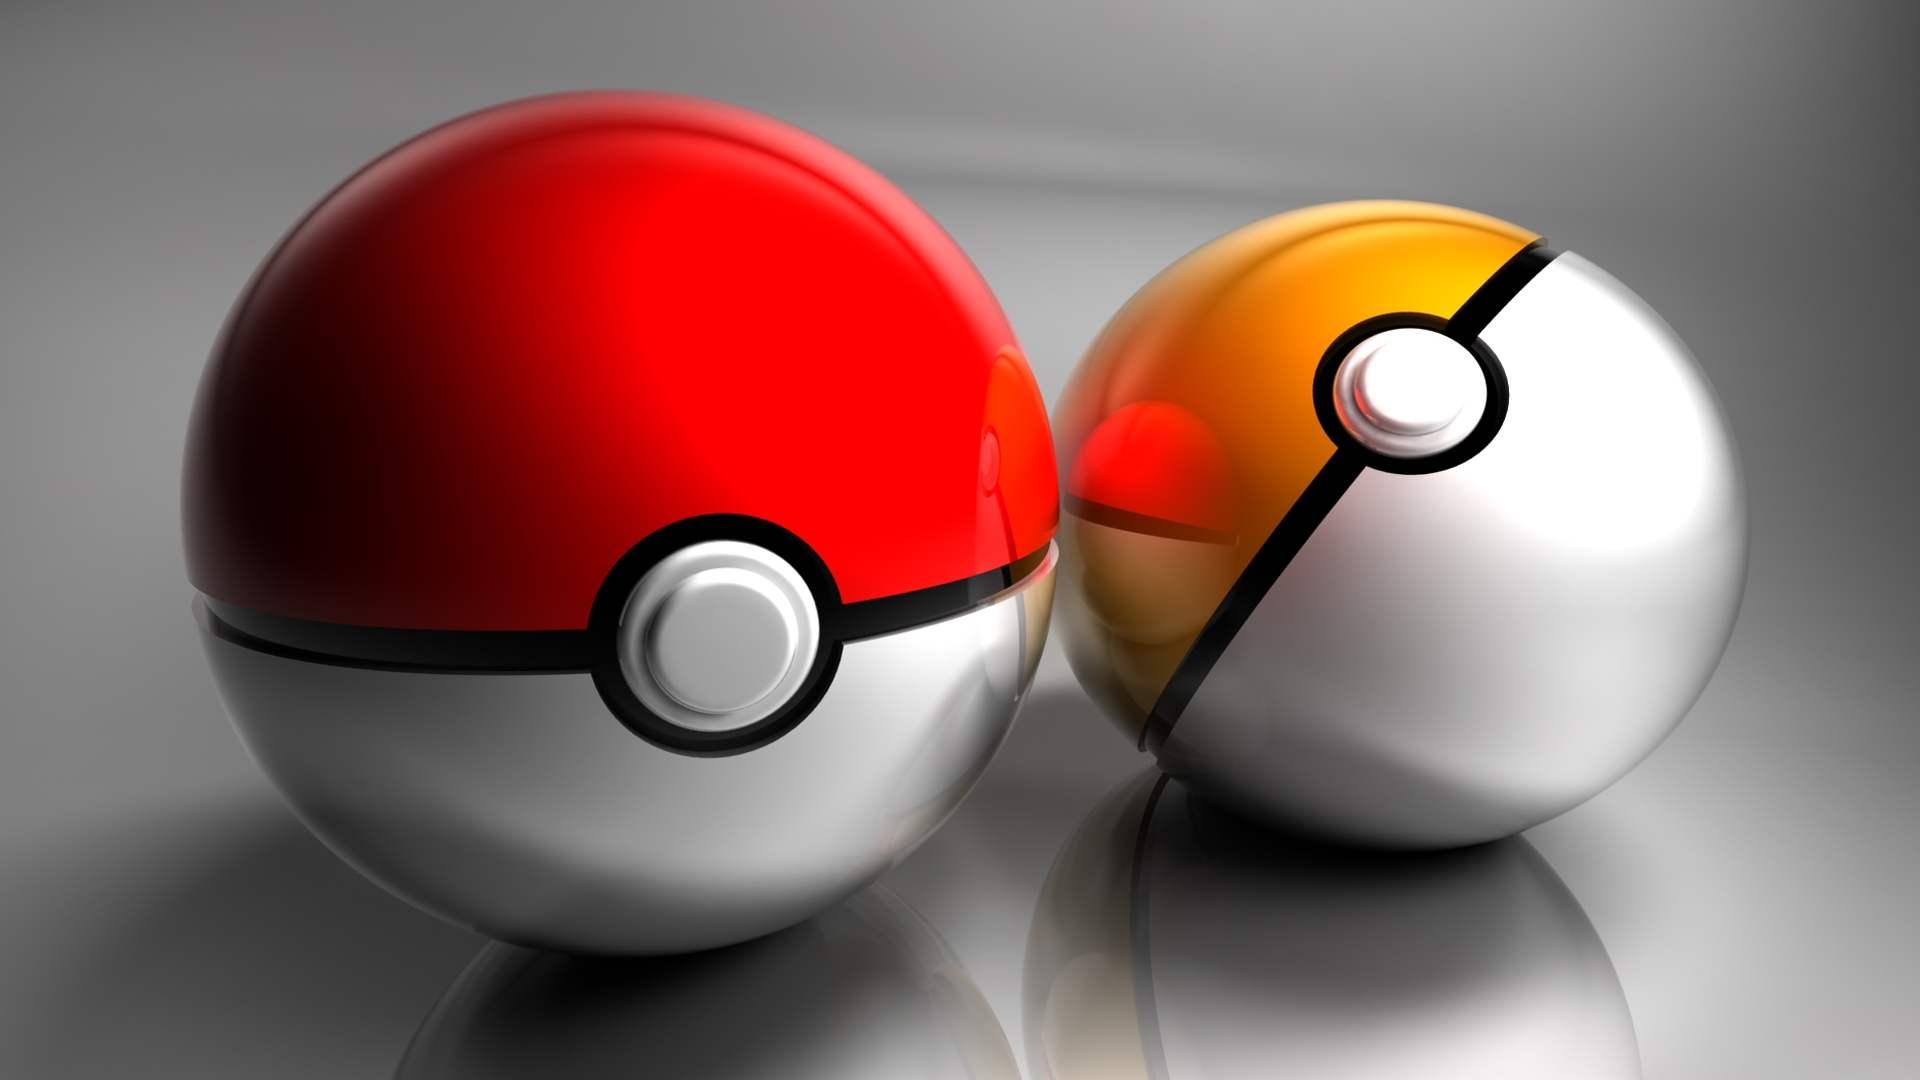 Pokeballs Modern Pokemon Shows wallpapers HD   146410 1920x1080